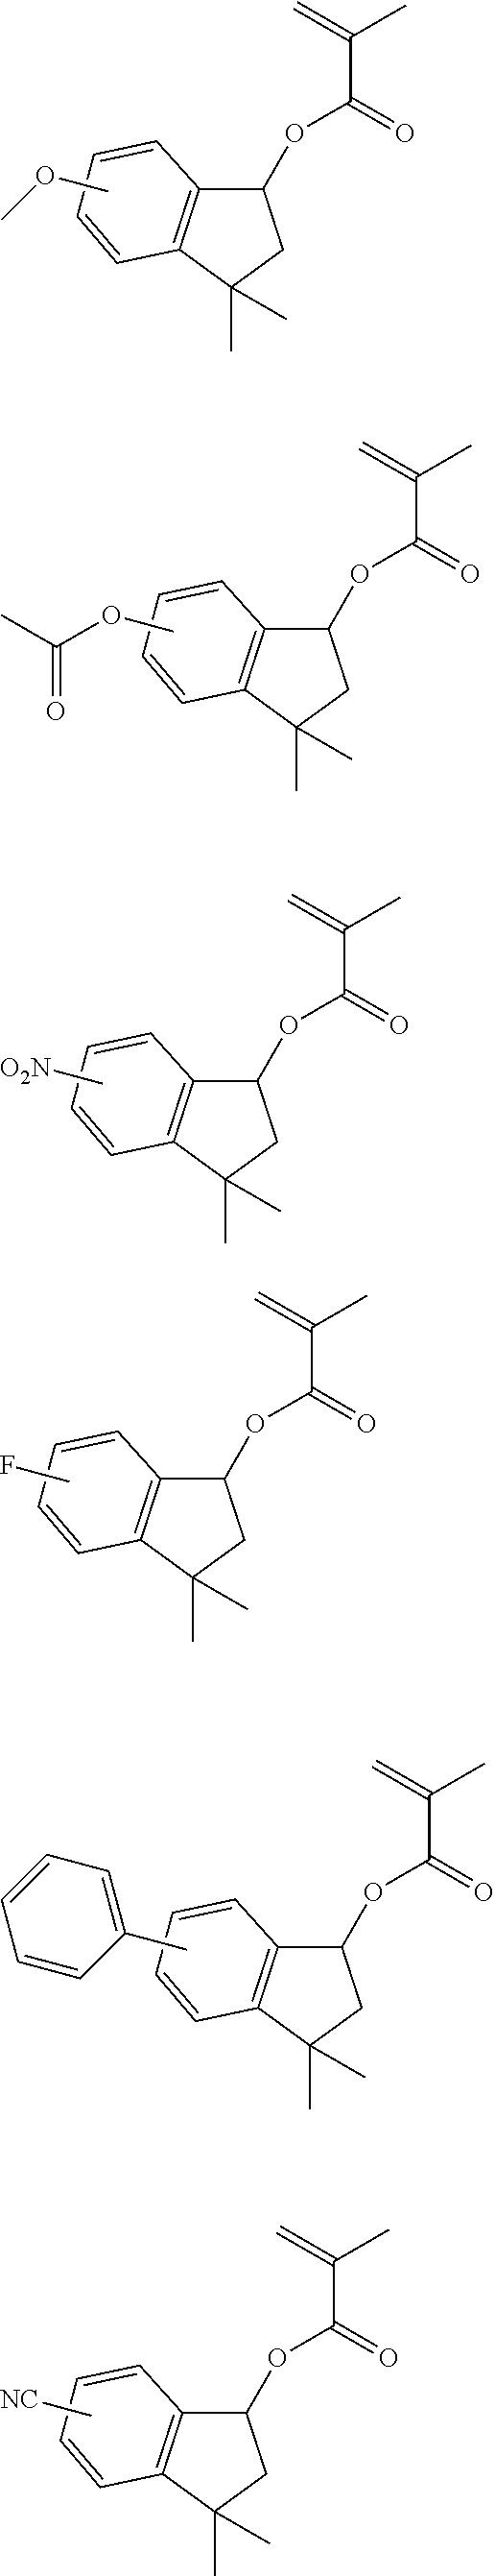 Figure US09040223-20150526-C00097